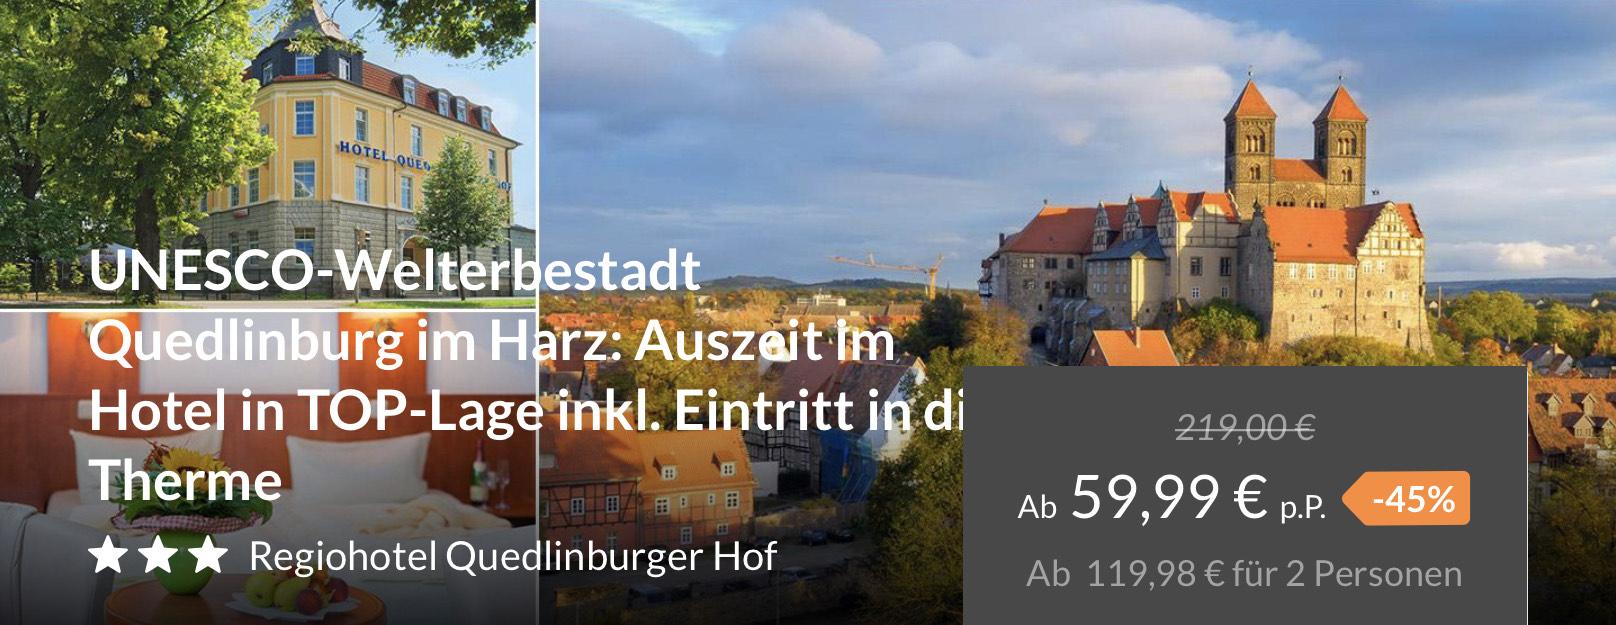 3*** Hotel im Harz mit Thermeneintritt für nur 59,99 Euro p.P